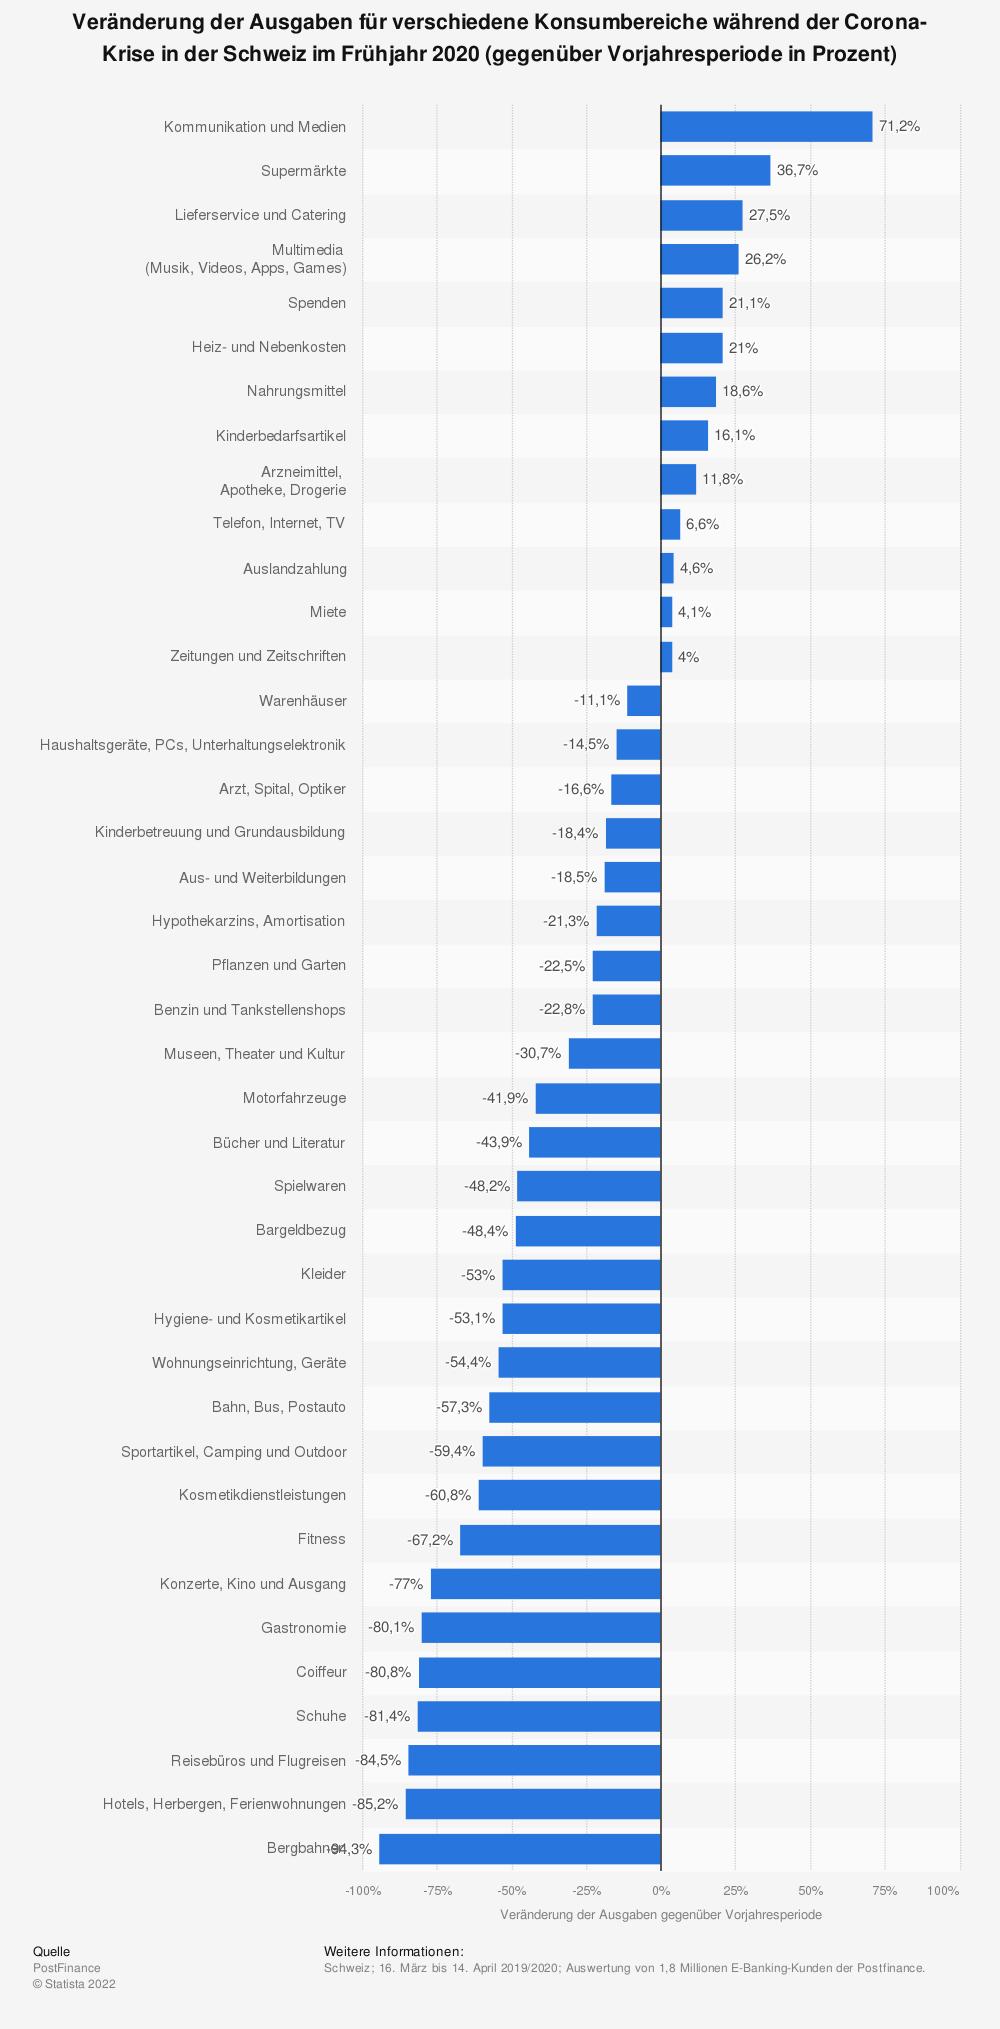 Statistik: Veränderung der Ausgaben für verschiedene Konsumbereiche während der Corona-Krise in der Schweiz im Frühjahr 2020 (gegenüber Vorjahresperiode in Prozent) | Statista